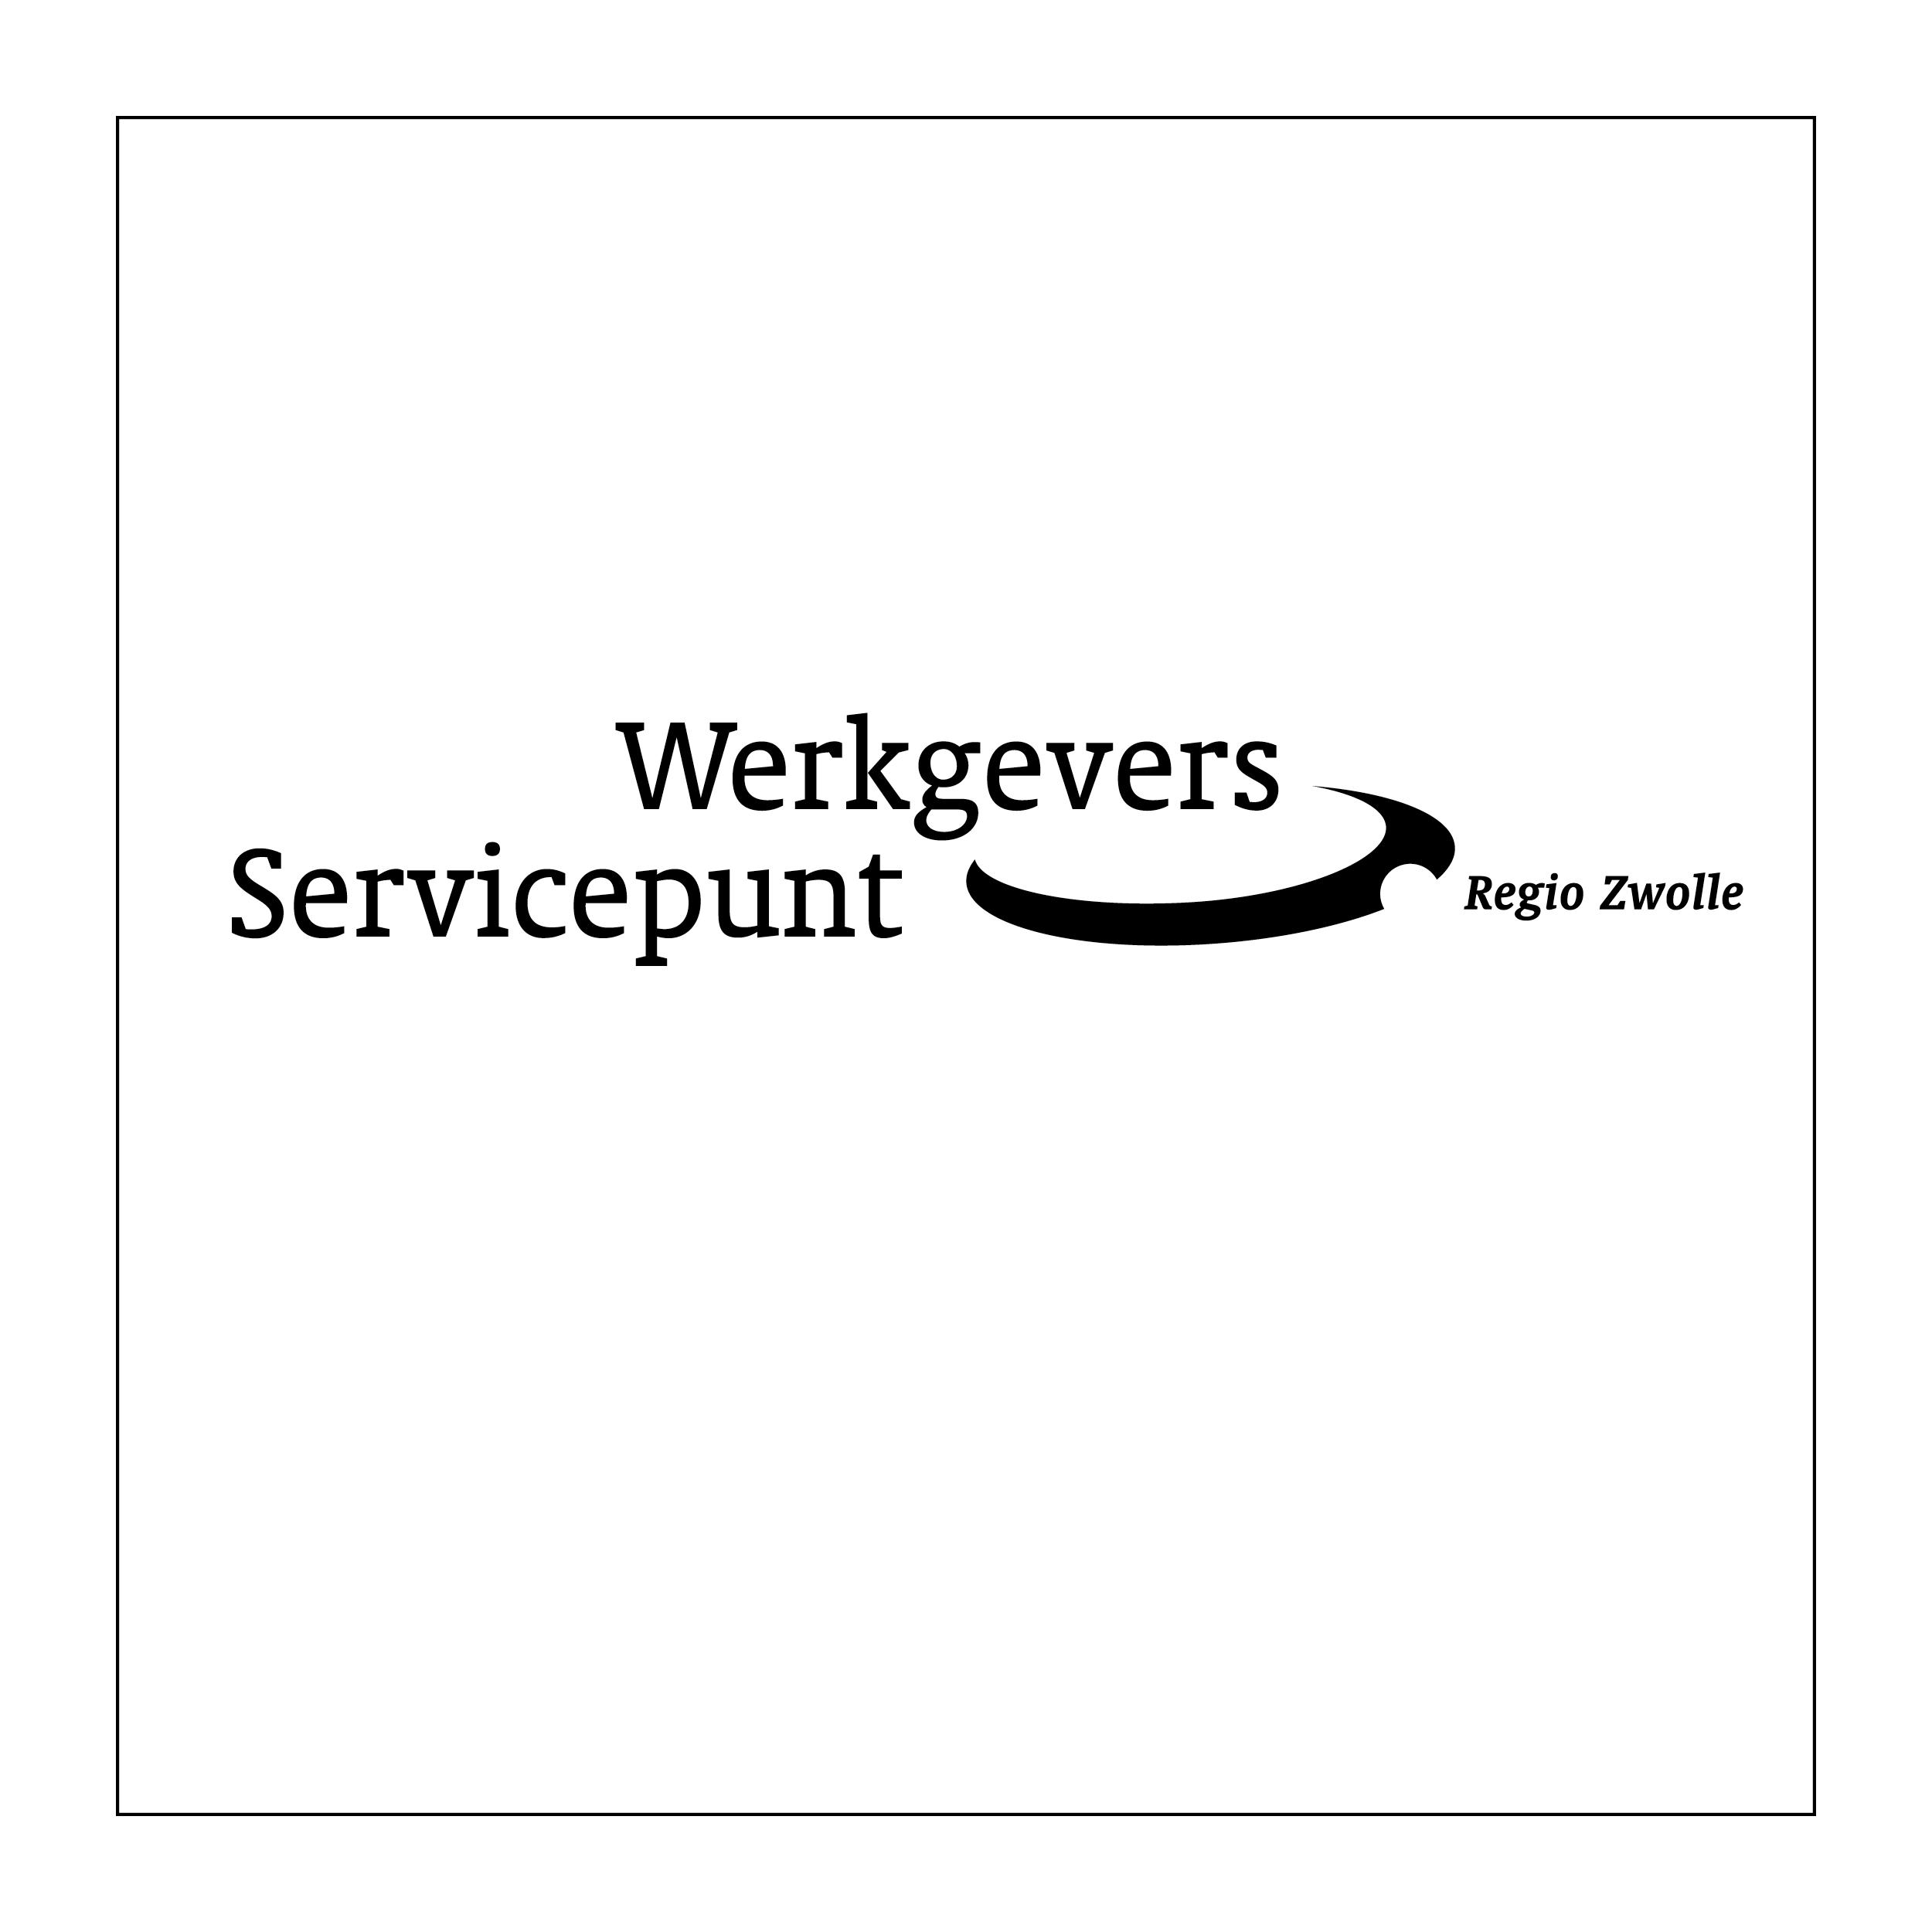 werkgevers service point